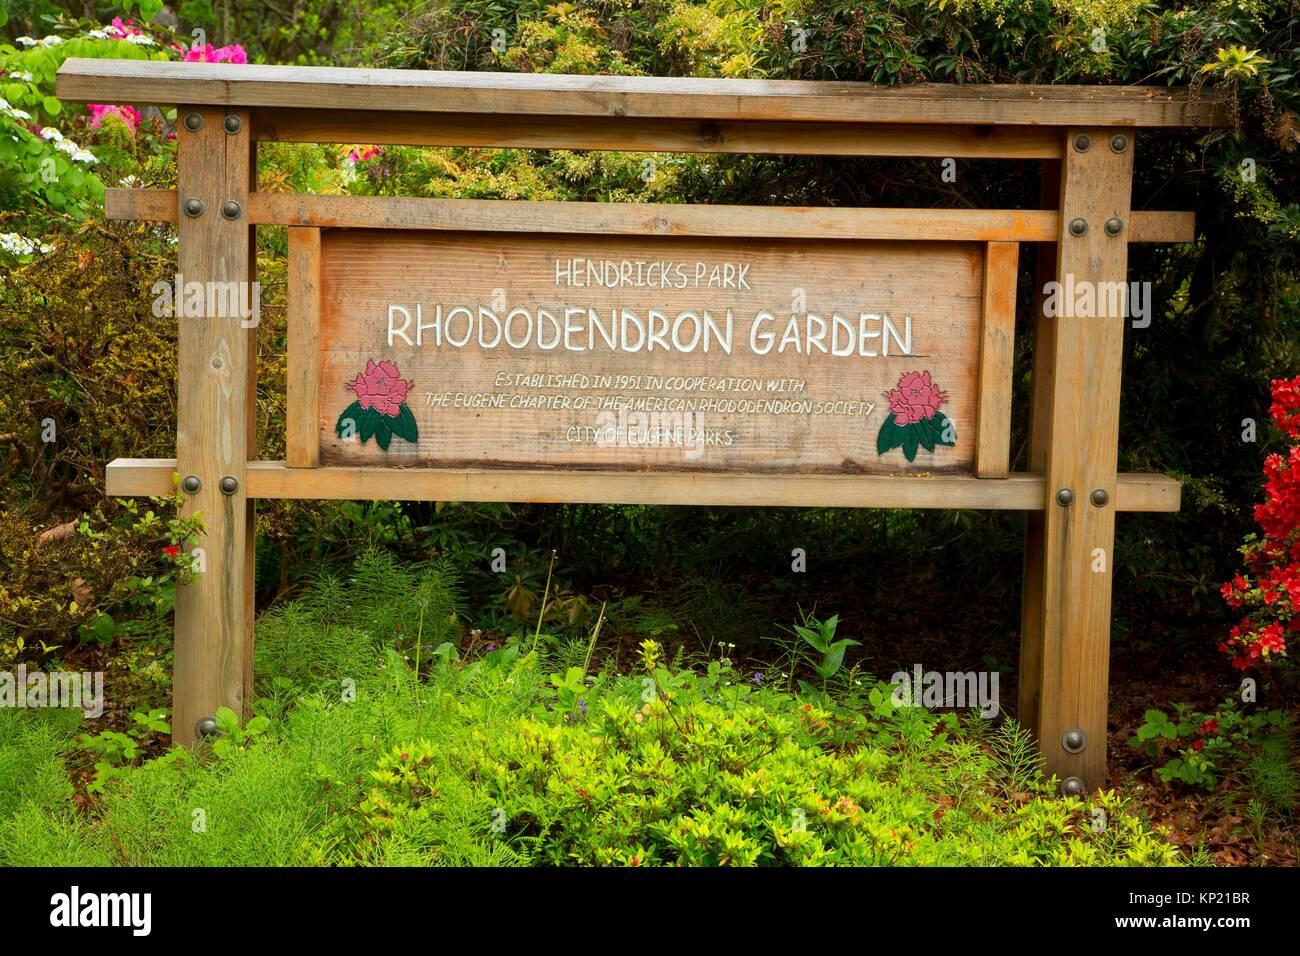 Park sign, Rhododendron Garden, Hendricks Park, Eugene, Oregon. - Stock Image